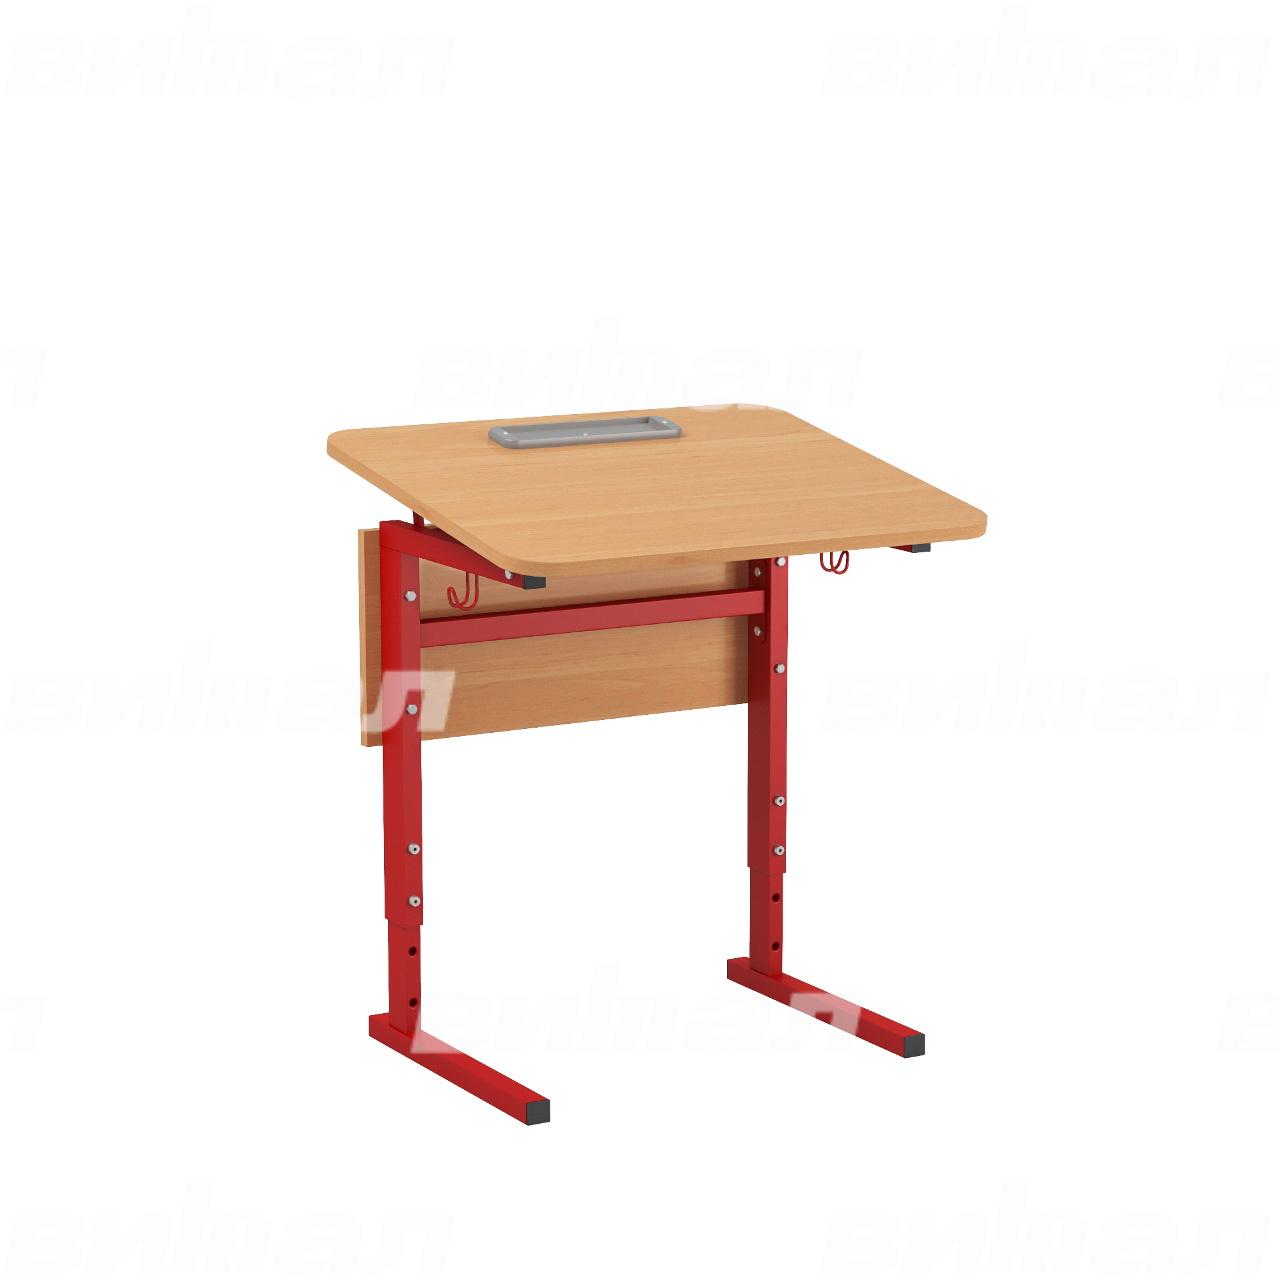 Стол 1-местный регулир. высота и наклон столешницы 0-10° (гр 2-4, 3-5 или 4-6) красный Ольха 3-5 Меламин прямоугольная